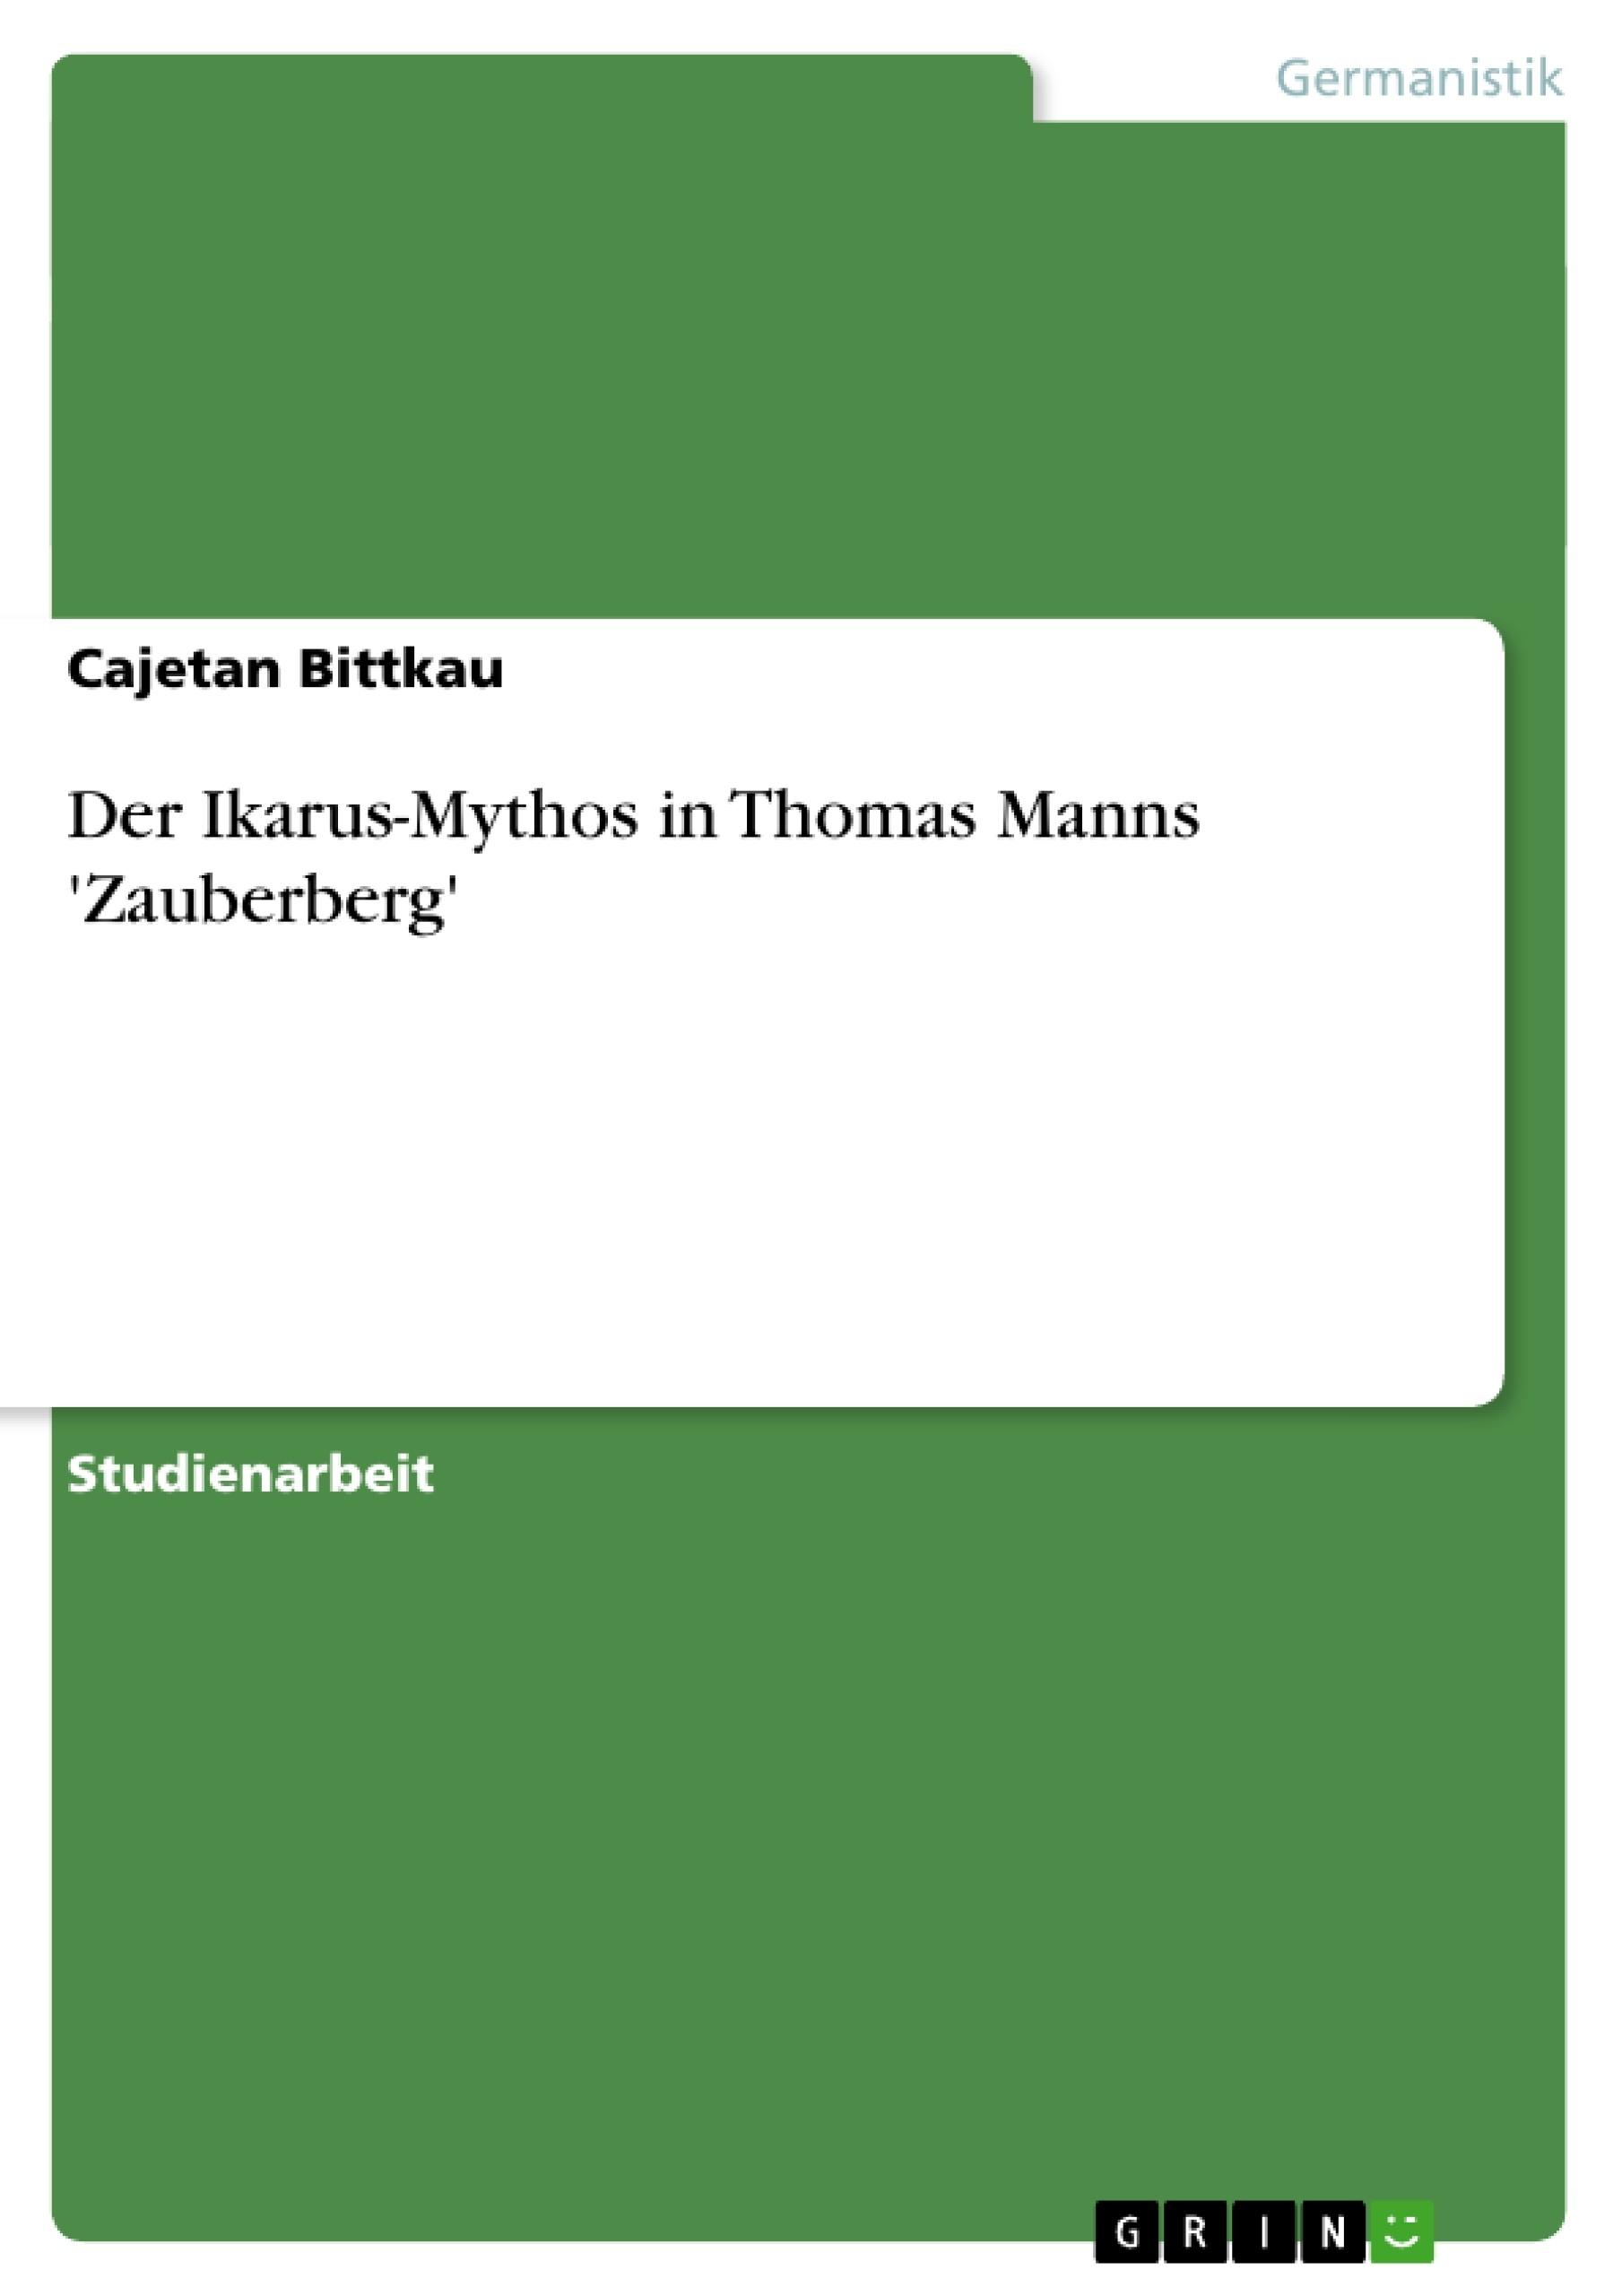 Titel: Der Ikarus-Mythos in Thomas Manns 'Zauberberg'